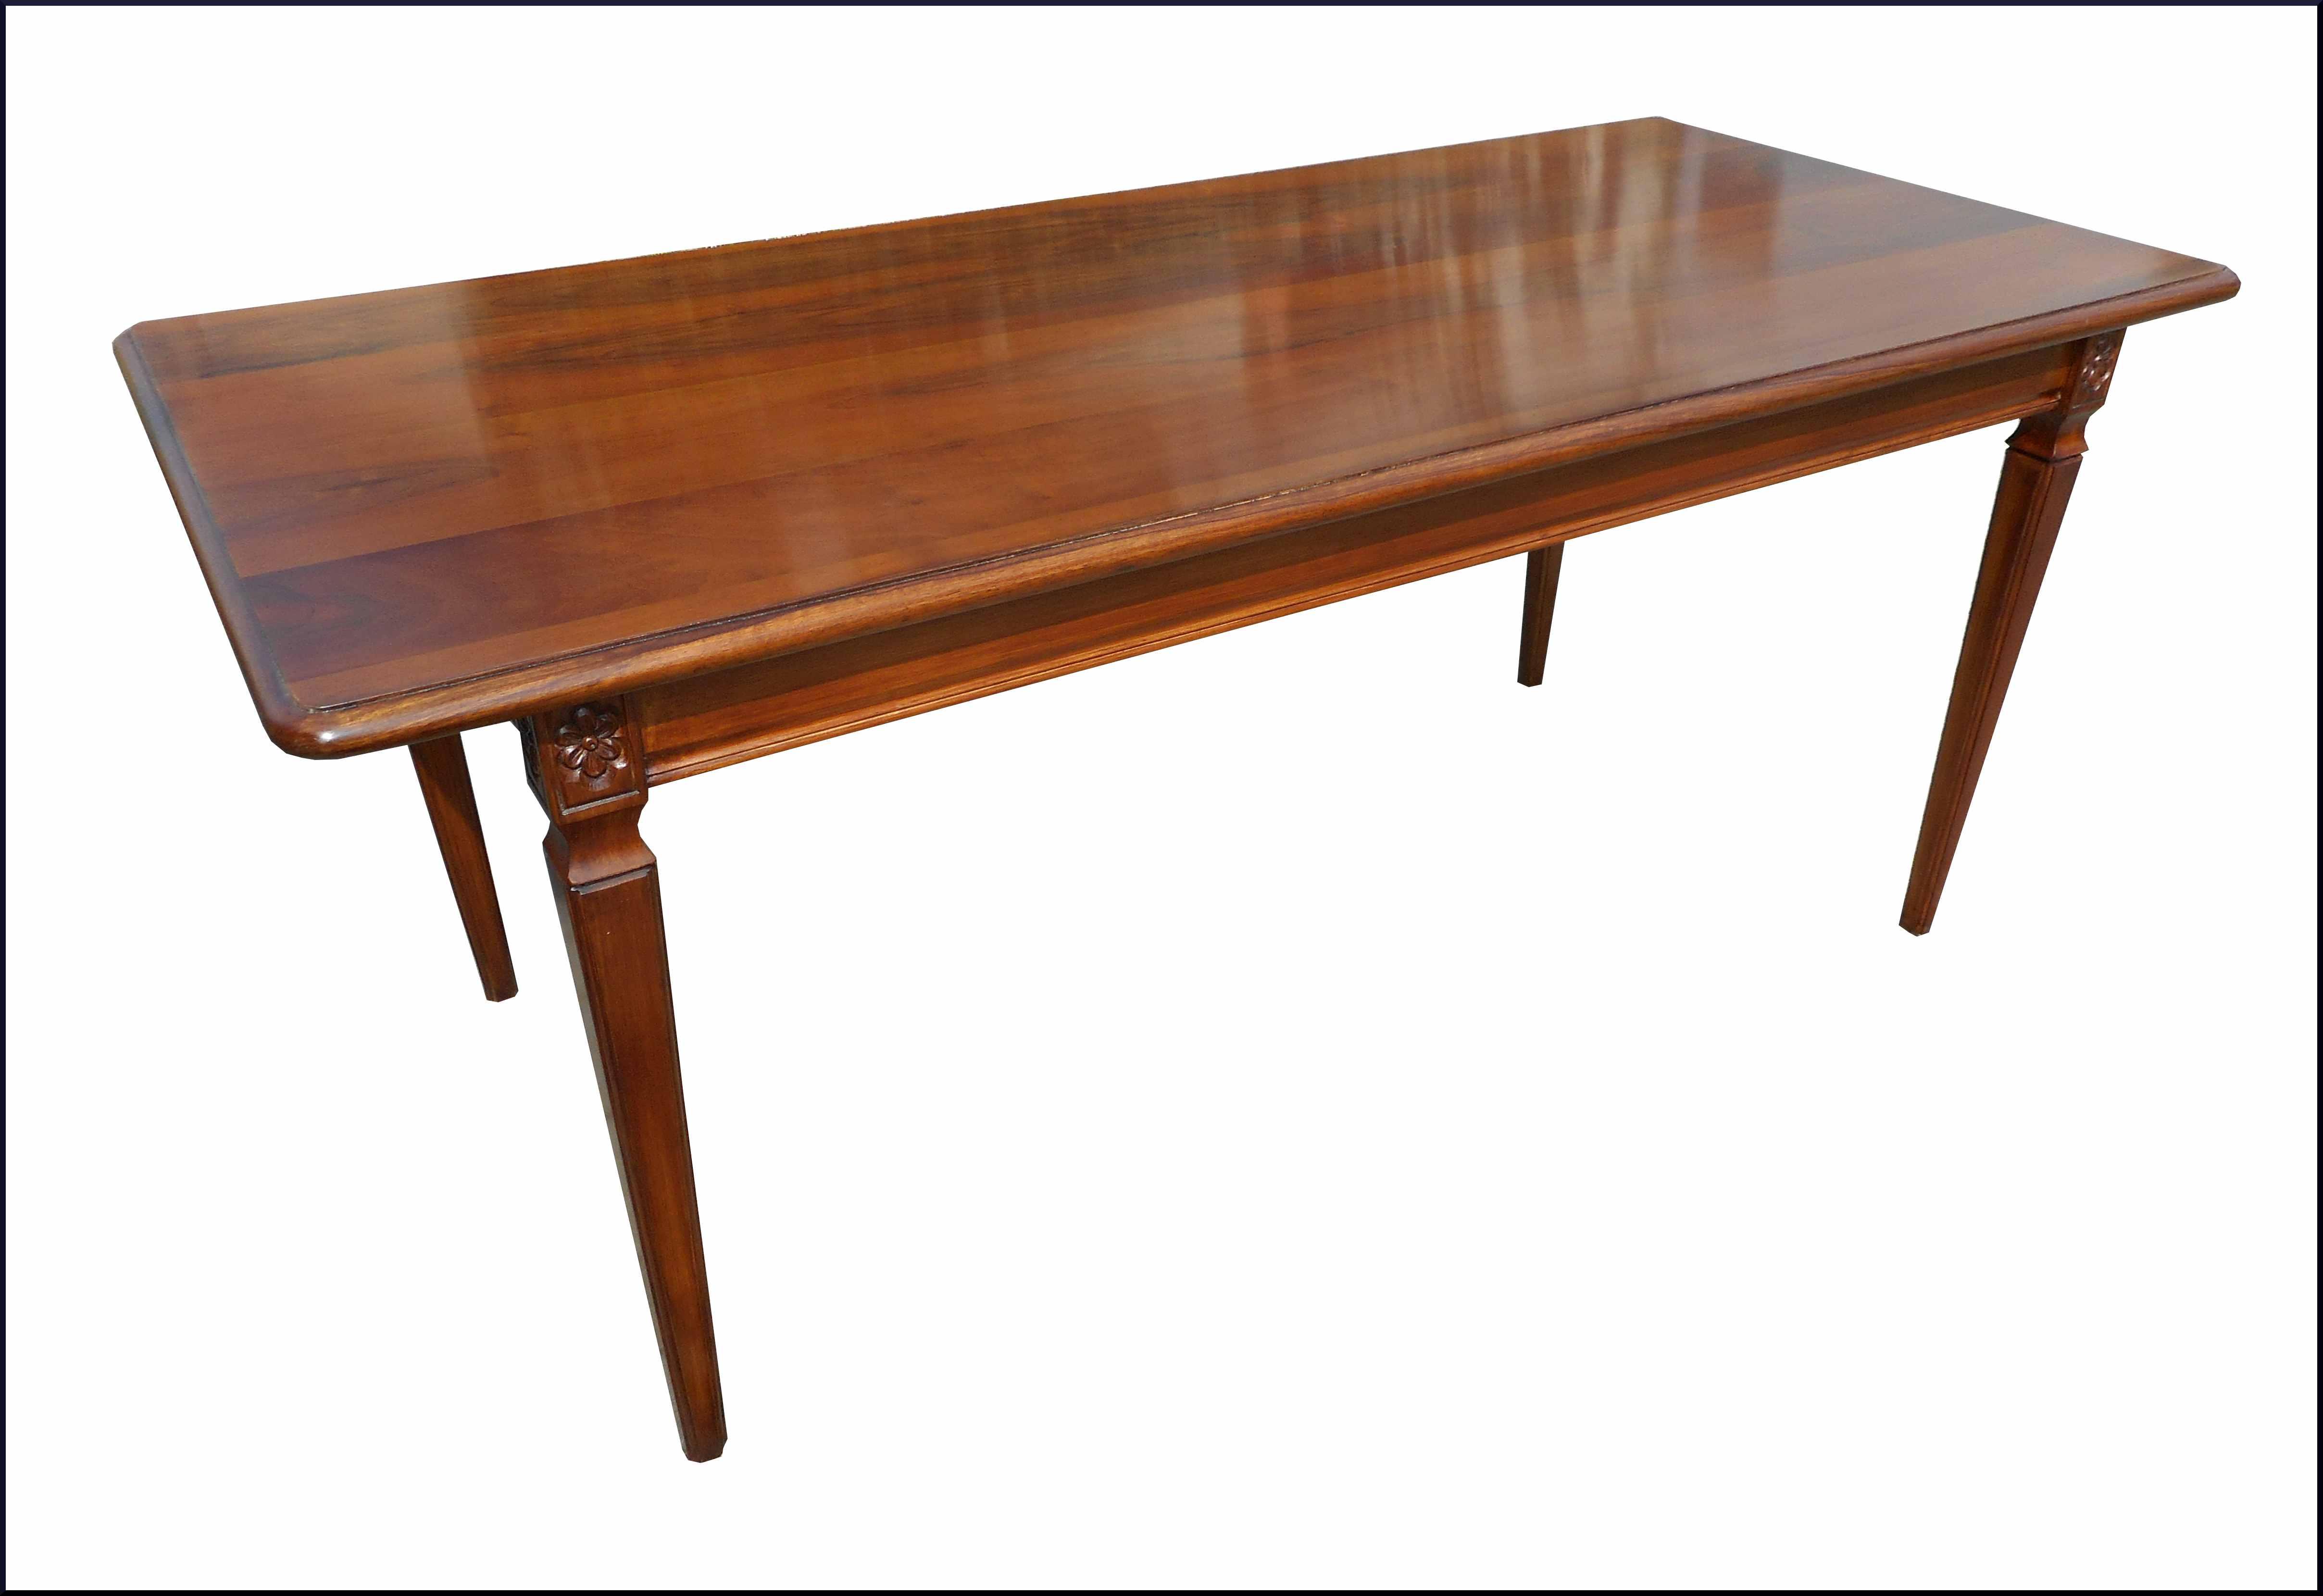 News mobili antichi restaurati e riprodotti la commode di davide corno - Riconoscere mobili antichi ...